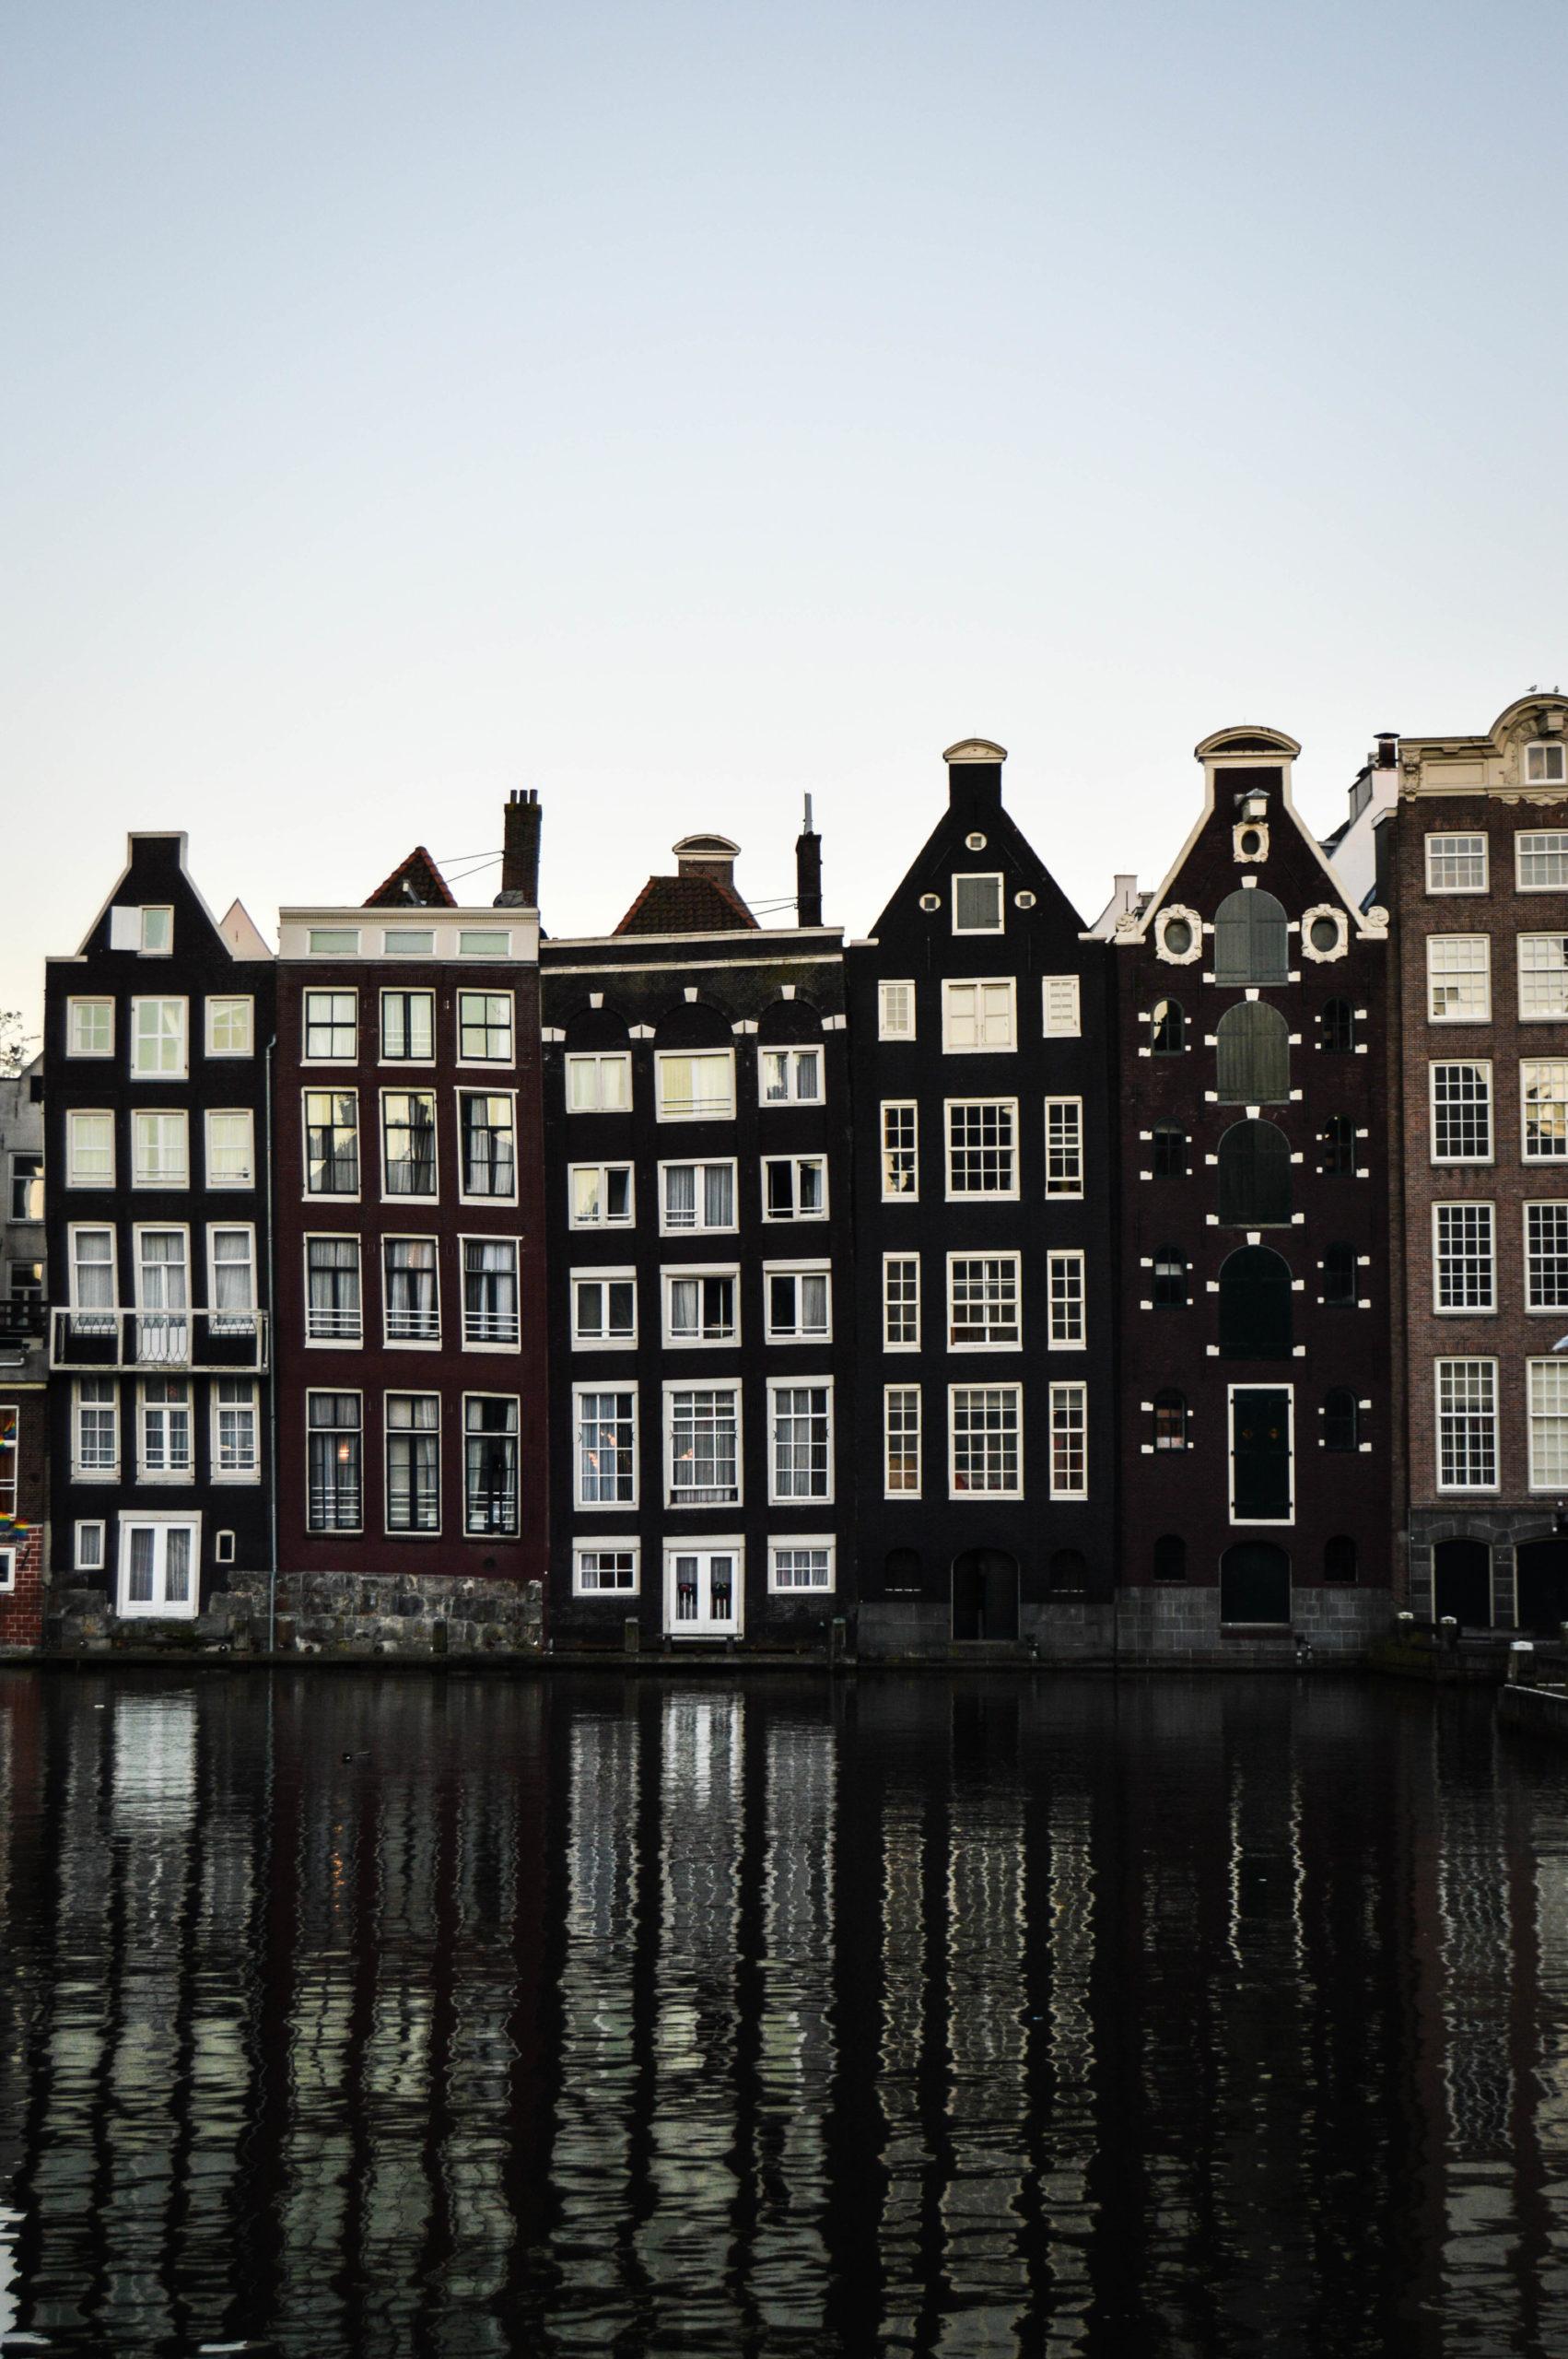 D Tres tercios. Ámsterdam, Países Bajos, 2016